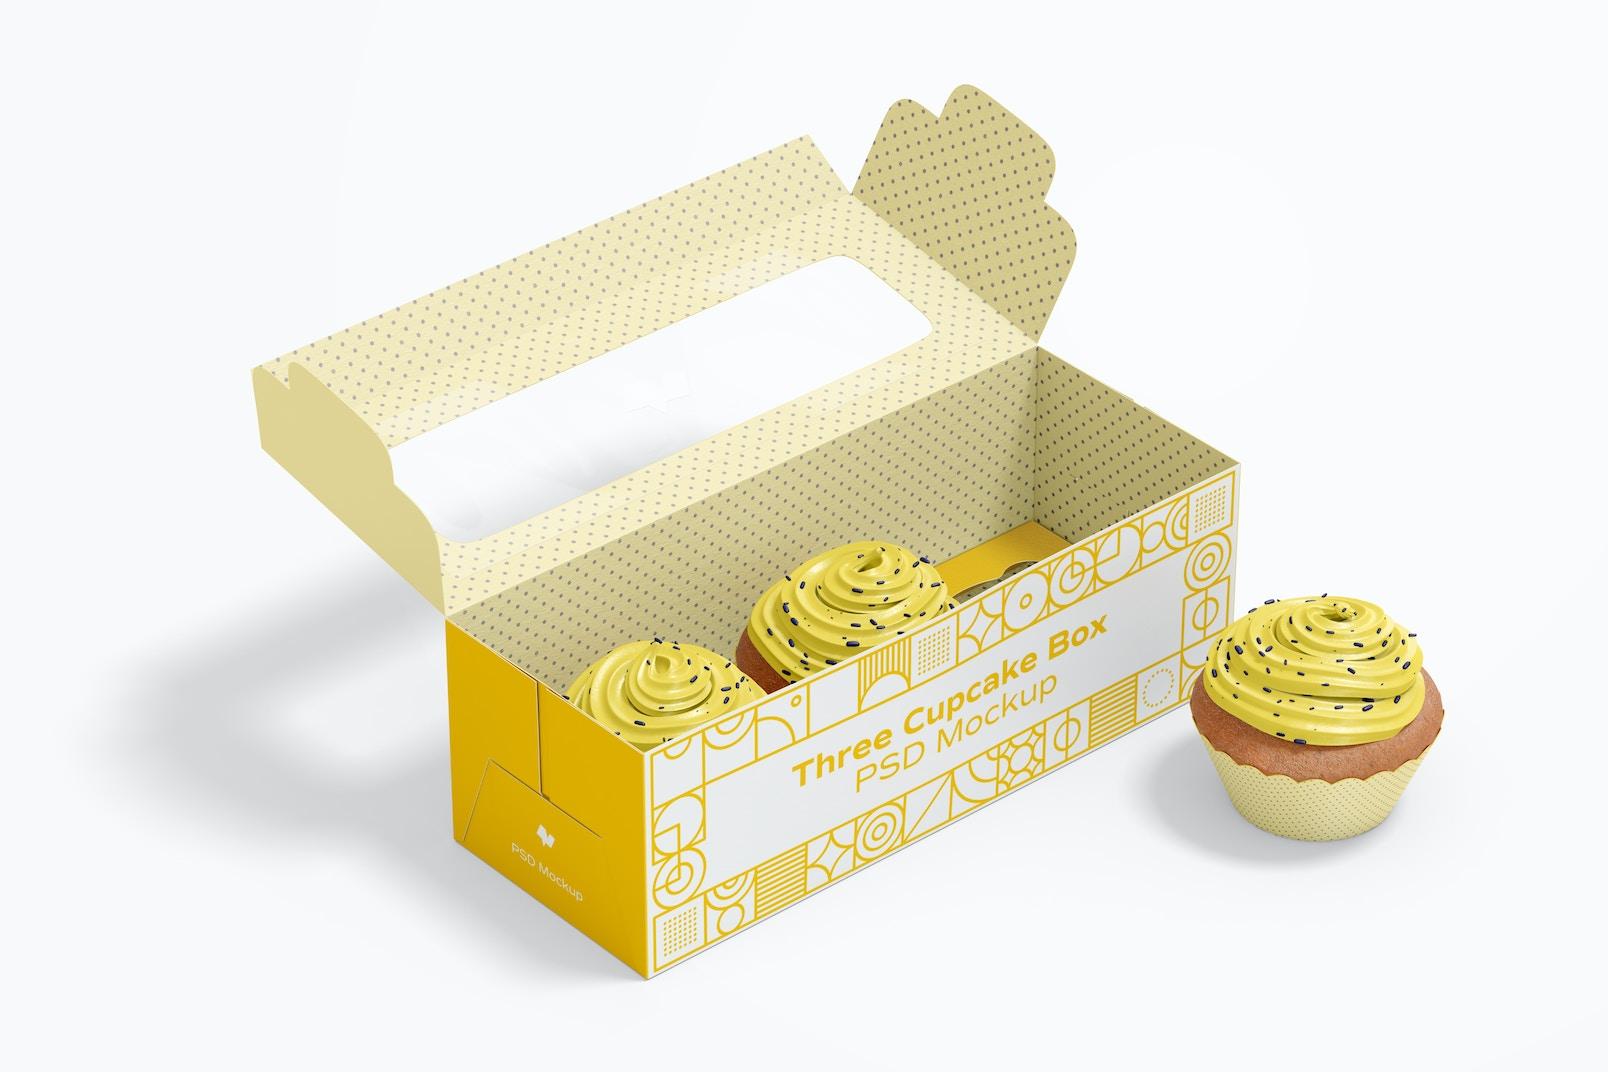 Maqueta de Caja de Tres Cupcakes